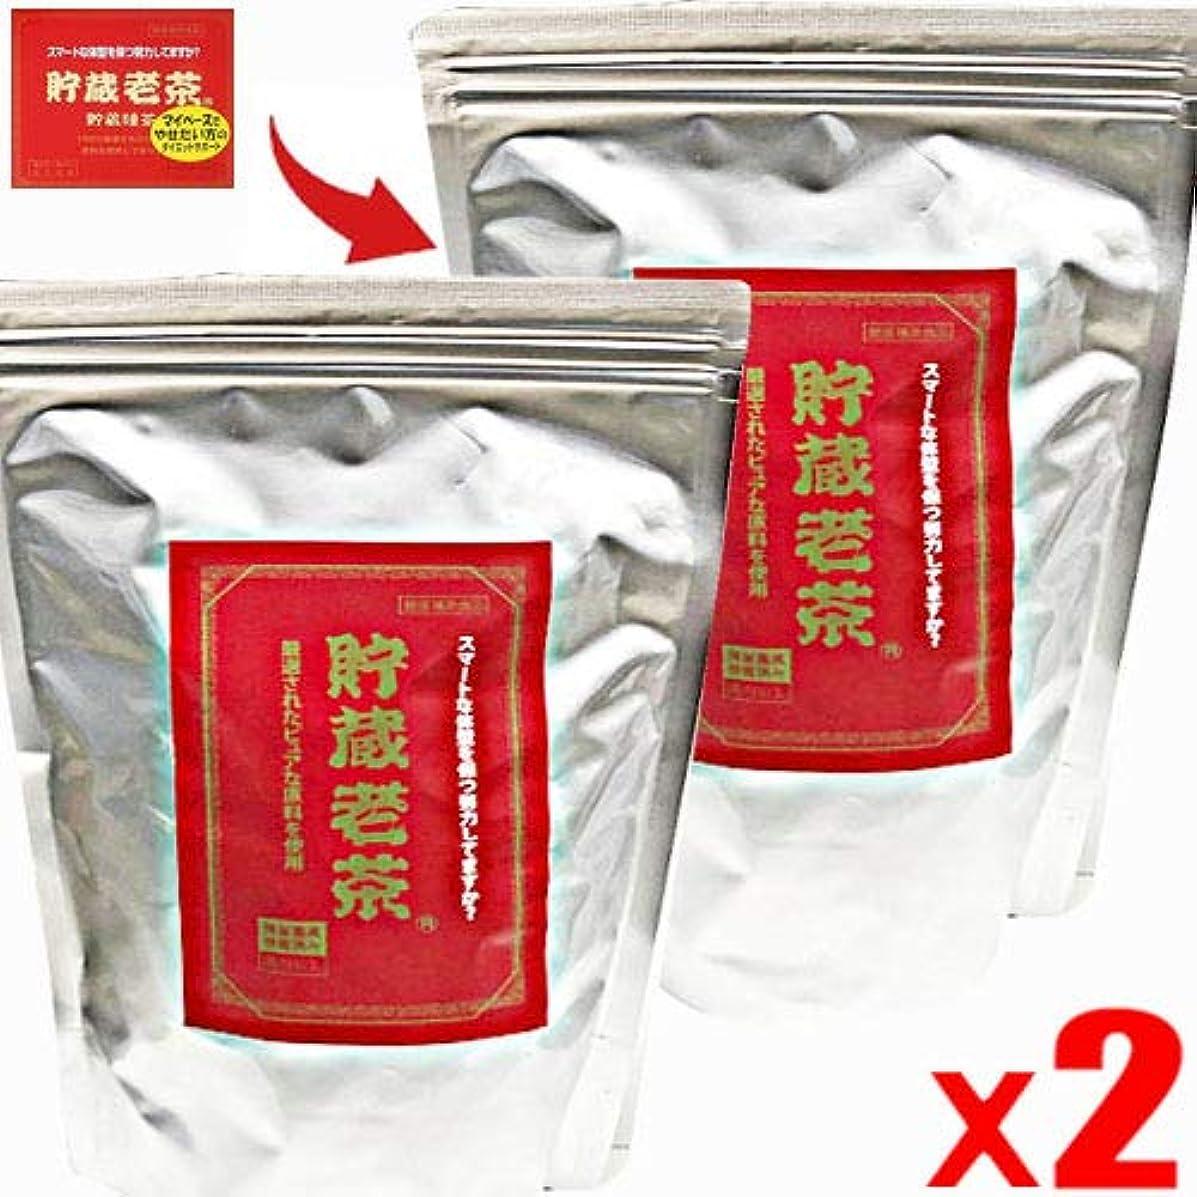 霜アクティブ繕う共栄 貯蔵老茶 (3.7gX60包)x2個(4972889000197-2) 赤箱からパウチ包装に変更です。